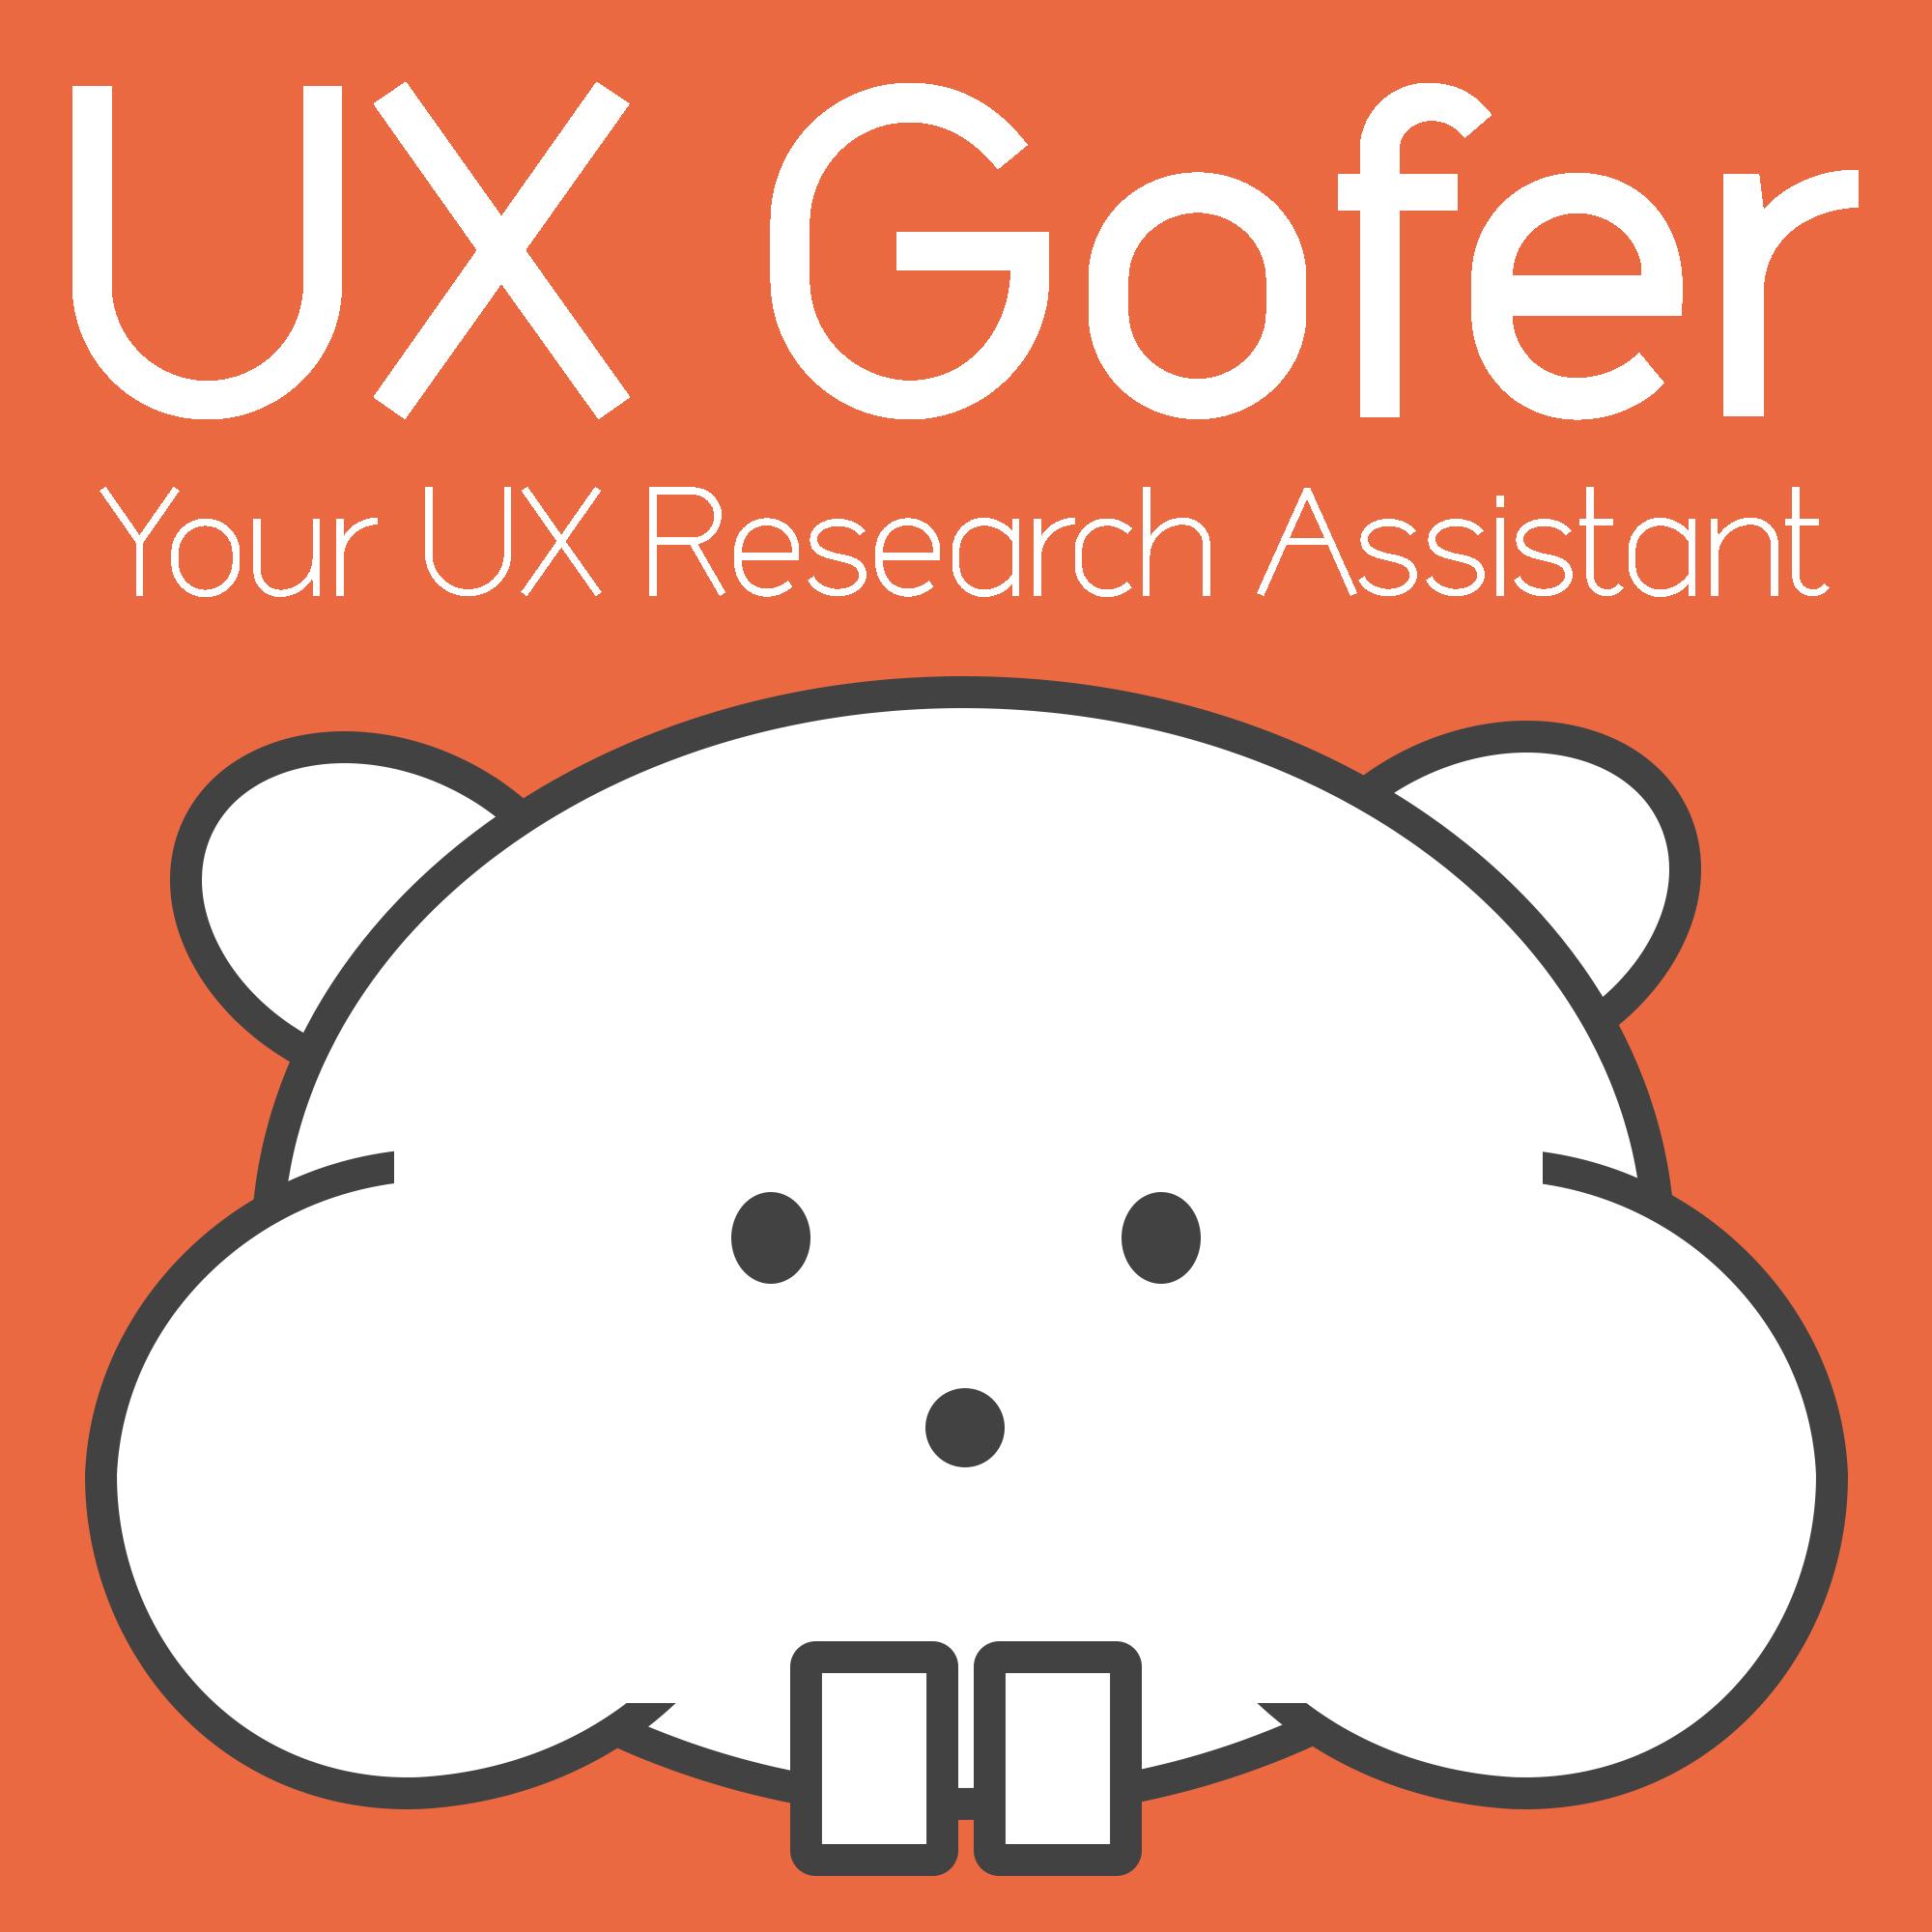 UX Gofer logo